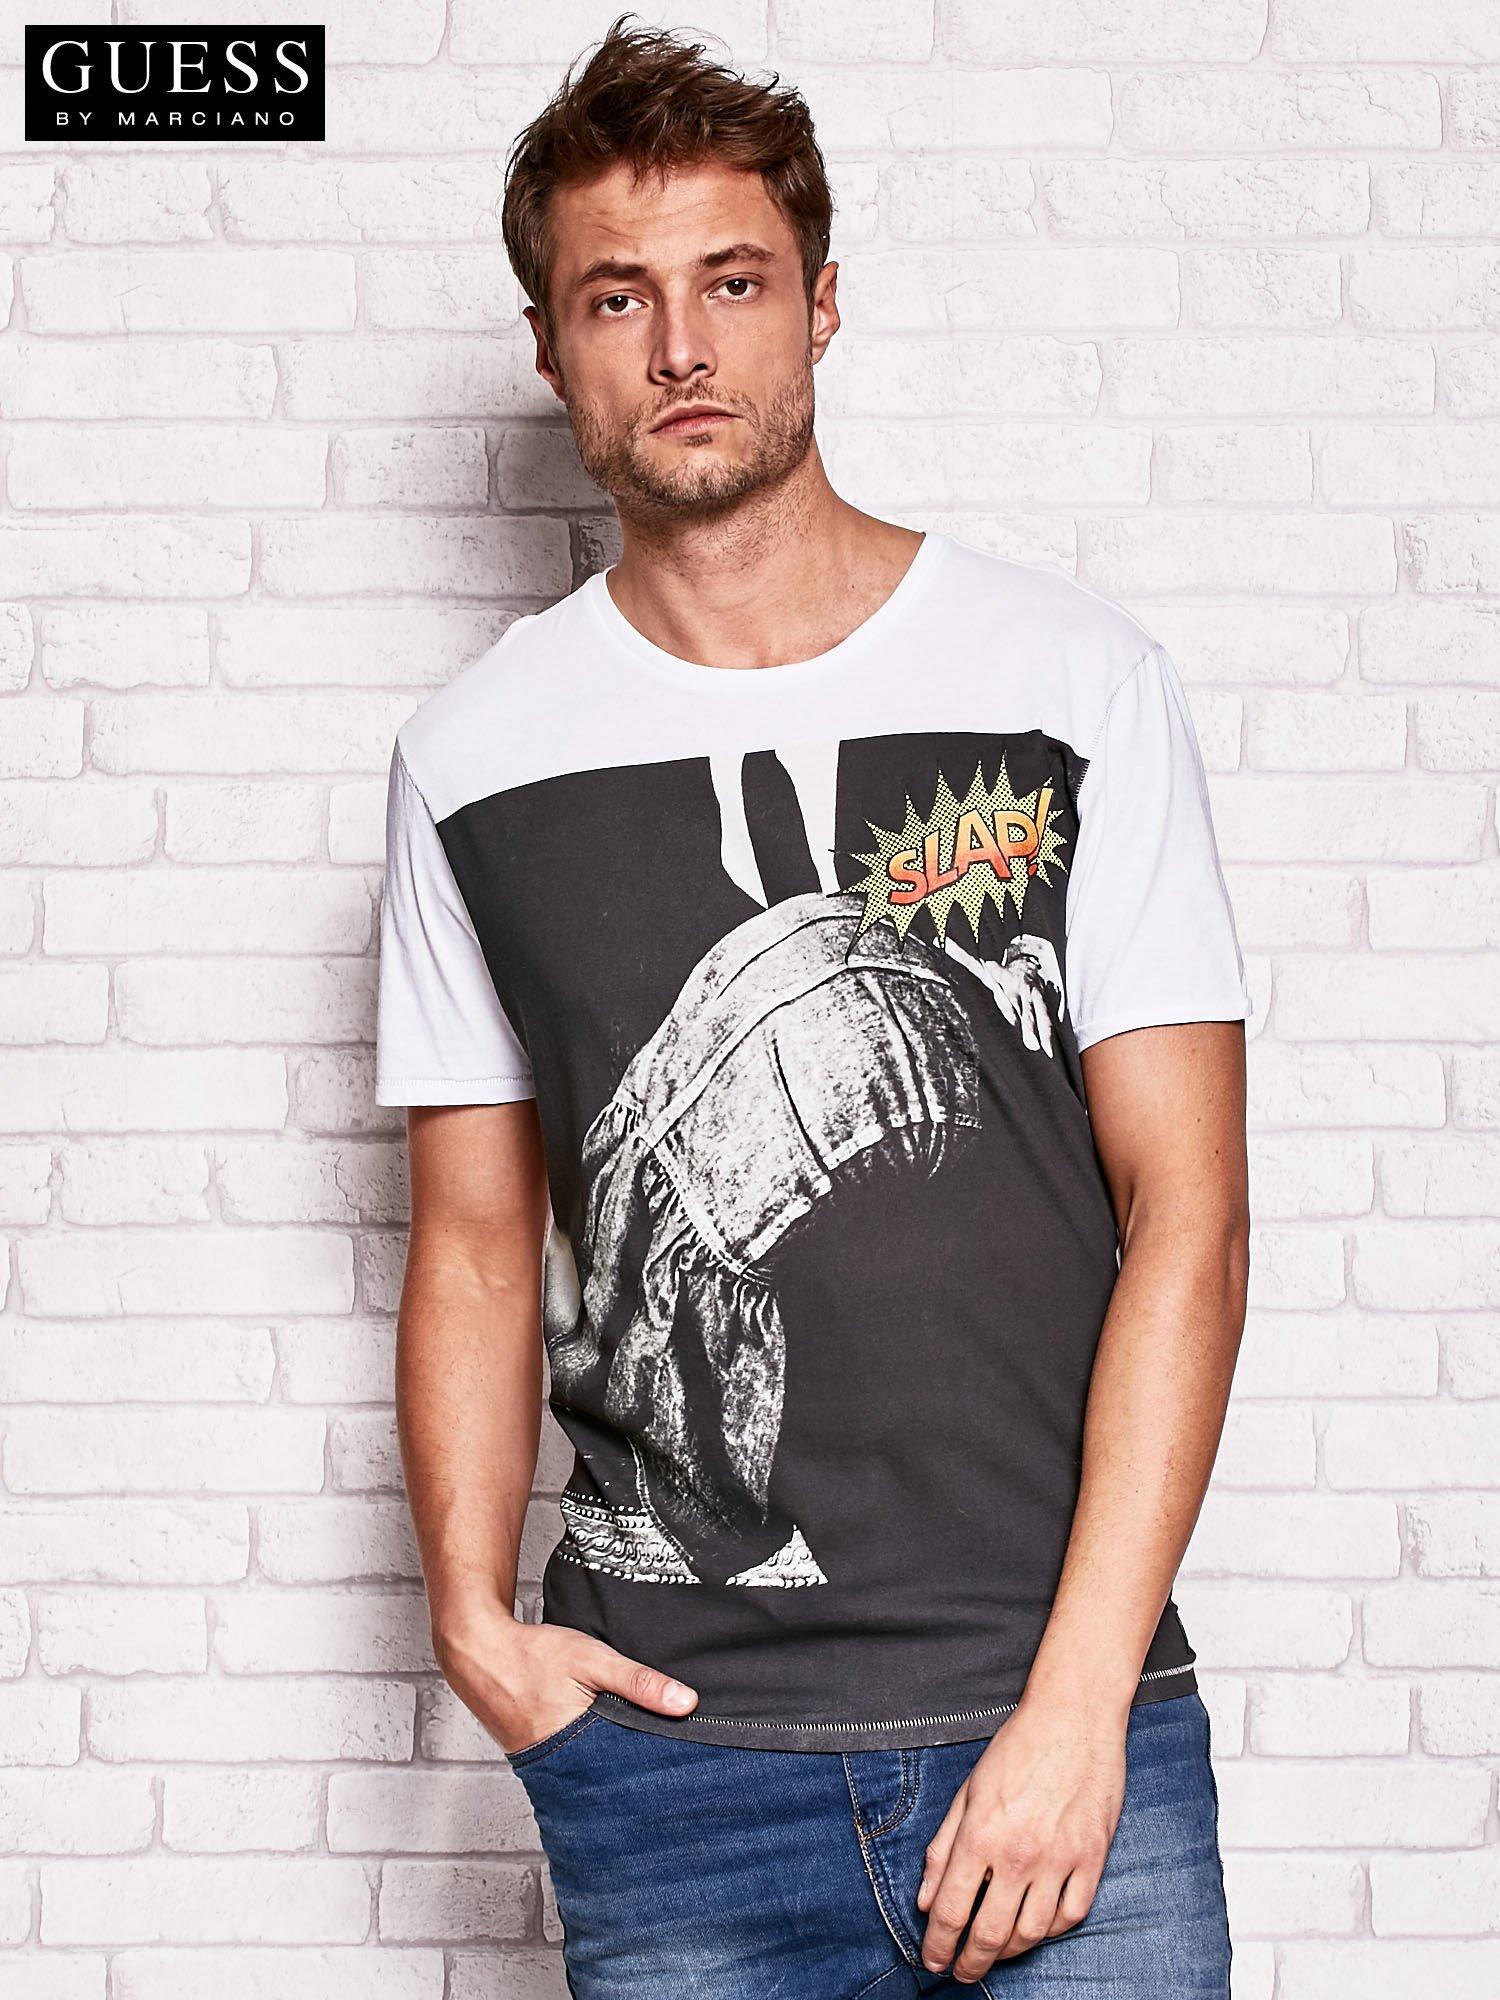 a37a77d20b3e9 GUESS Biały t-shirt męski z nadrukiem - Mężczyźni T-shirt męski ...